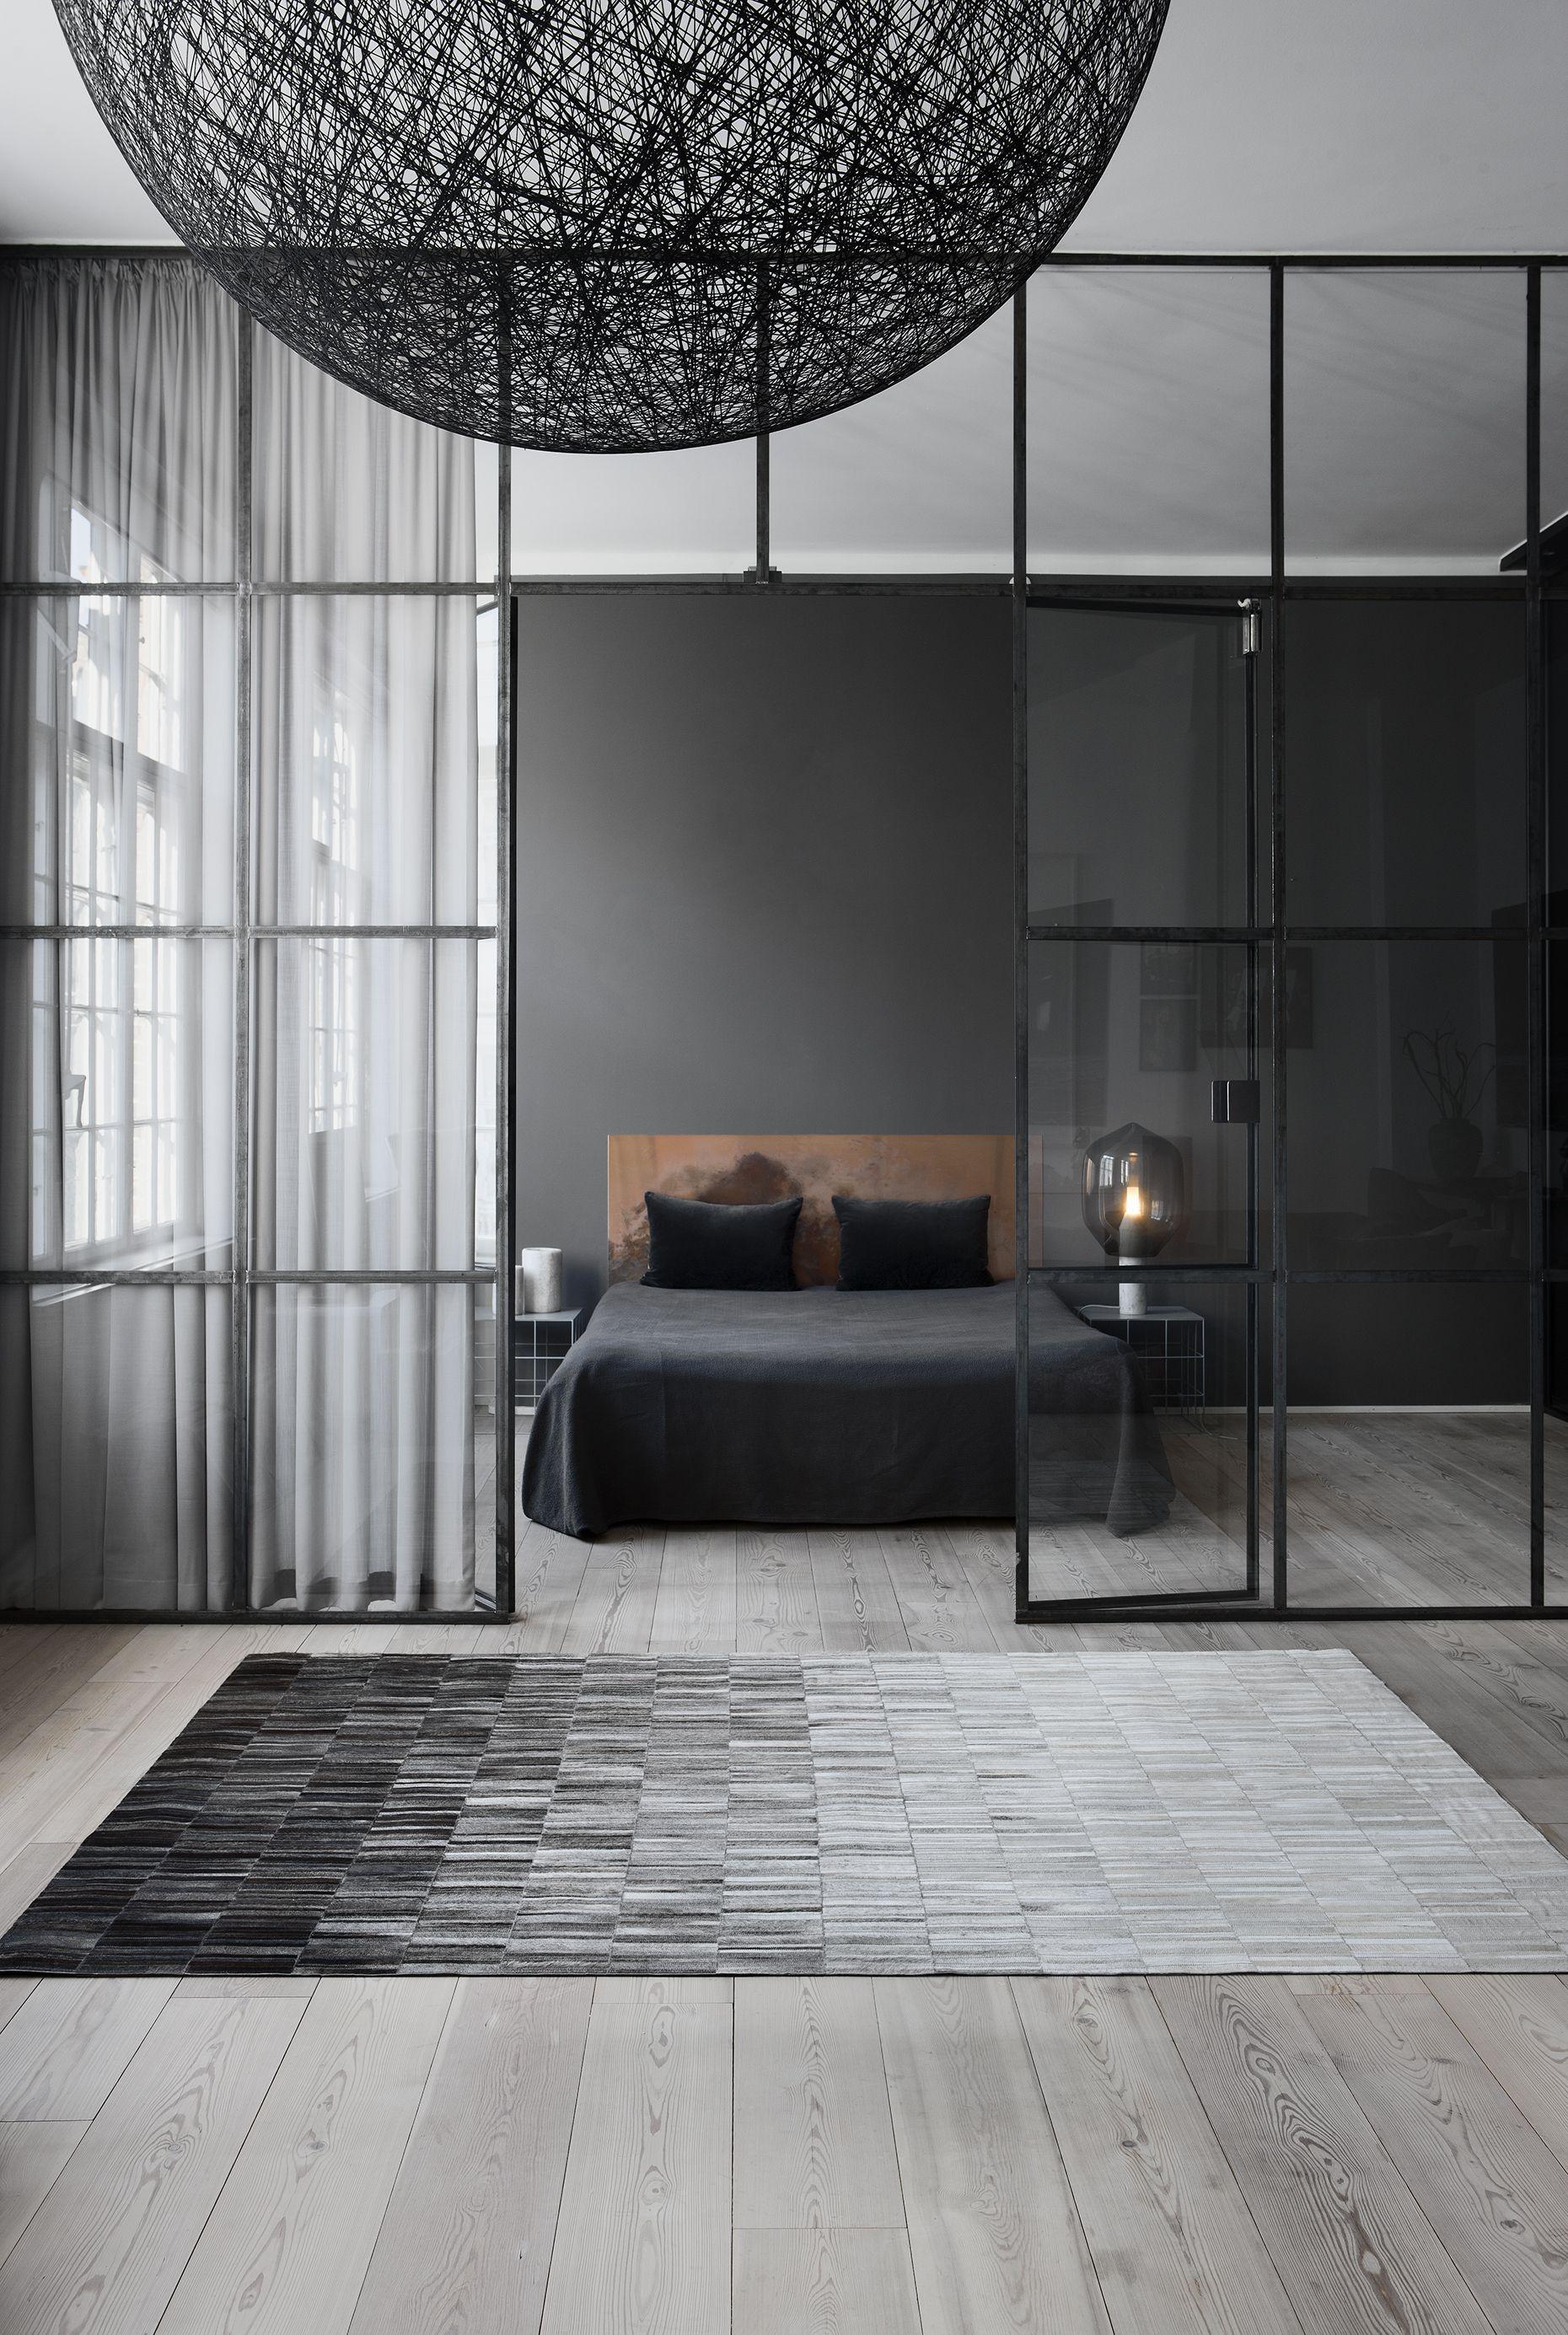 Modern contemporary master bedroom decor  DARK BEDROOM IDEAS  Master Bedroom Interior Design  Grey color is